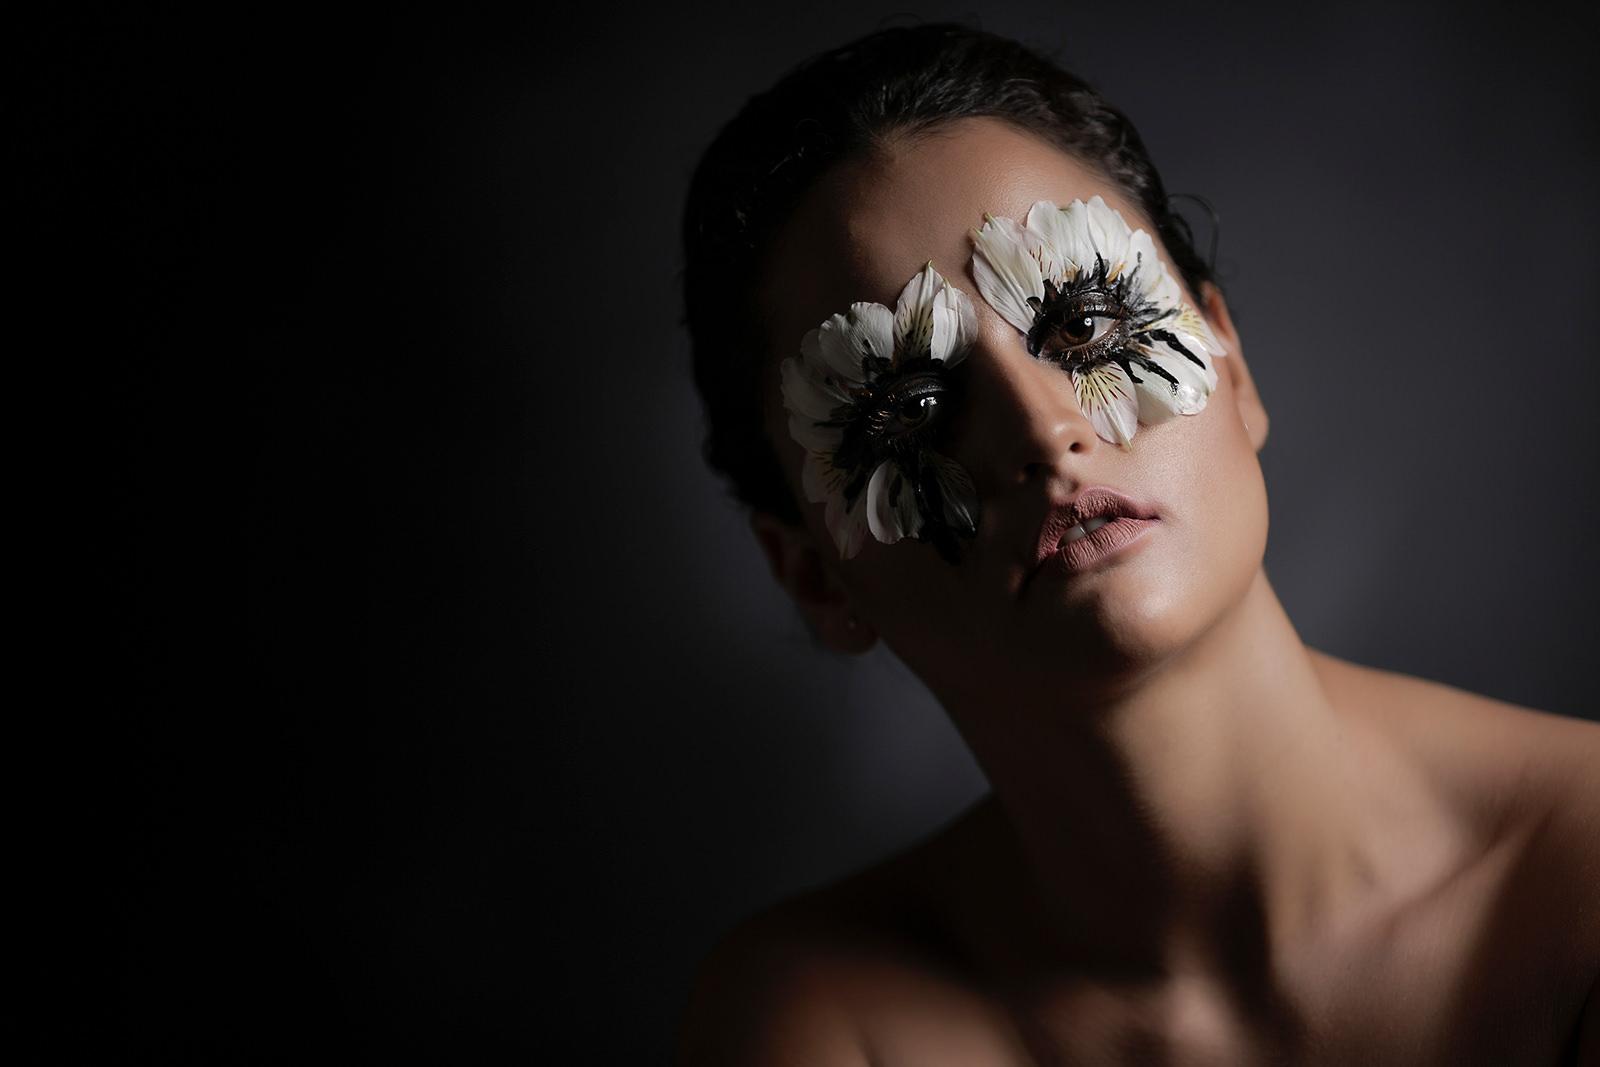 marcosvaldés|FOTÓGRAFO® commercial portrait photographer